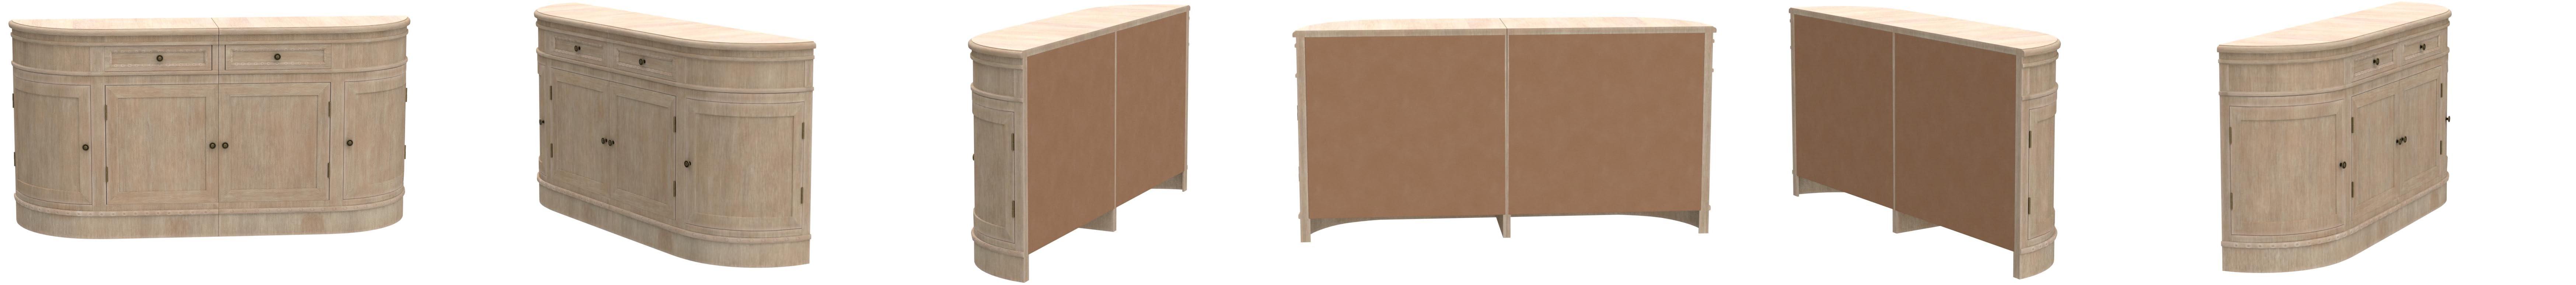 vidaXL Buffet Kommode Schrank Aufbewahrungsschrank Wohnzimmerm/öbel mit 4 T/üren Schlafzimmer Eingang Haus Innen 134 x 30 x 68 cm